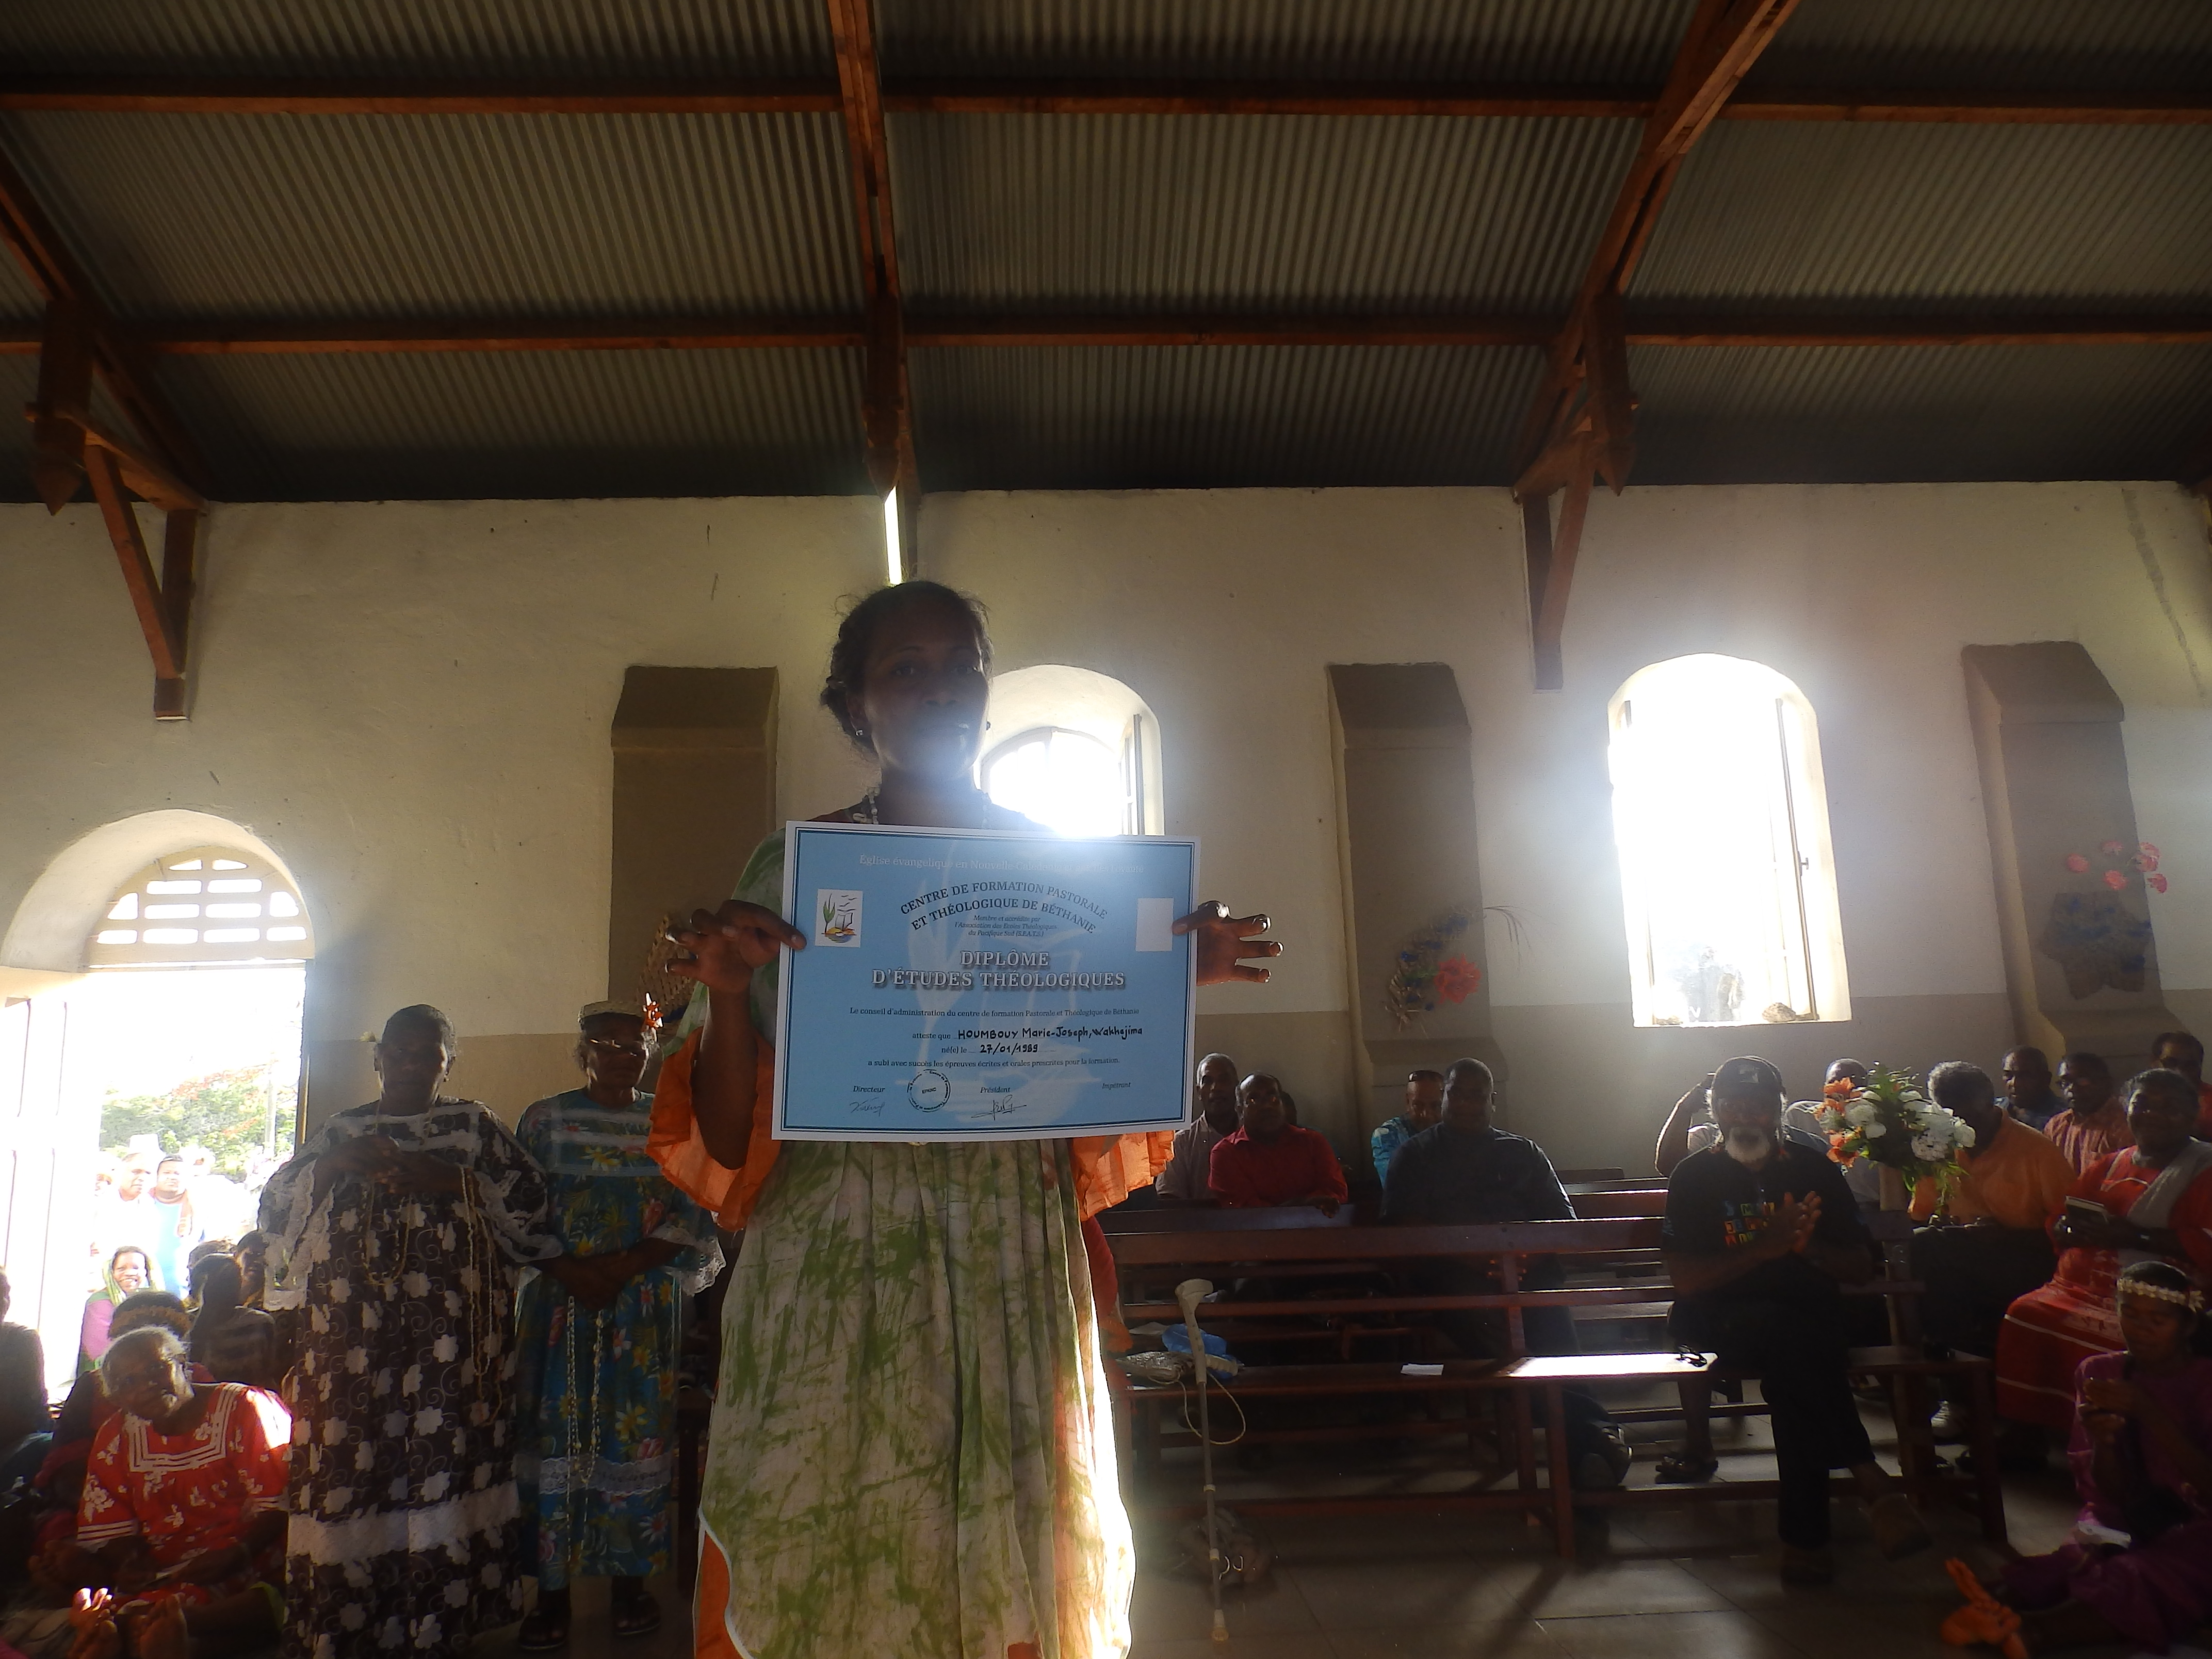 HOUMBOUY Xejine, a reçu son diplôme, après 4année de formation à Béthanie. Elle se propose d'aider sa paroisse de Nyimëhë, sa région d Iaai, son consistoire sans être pasteure.